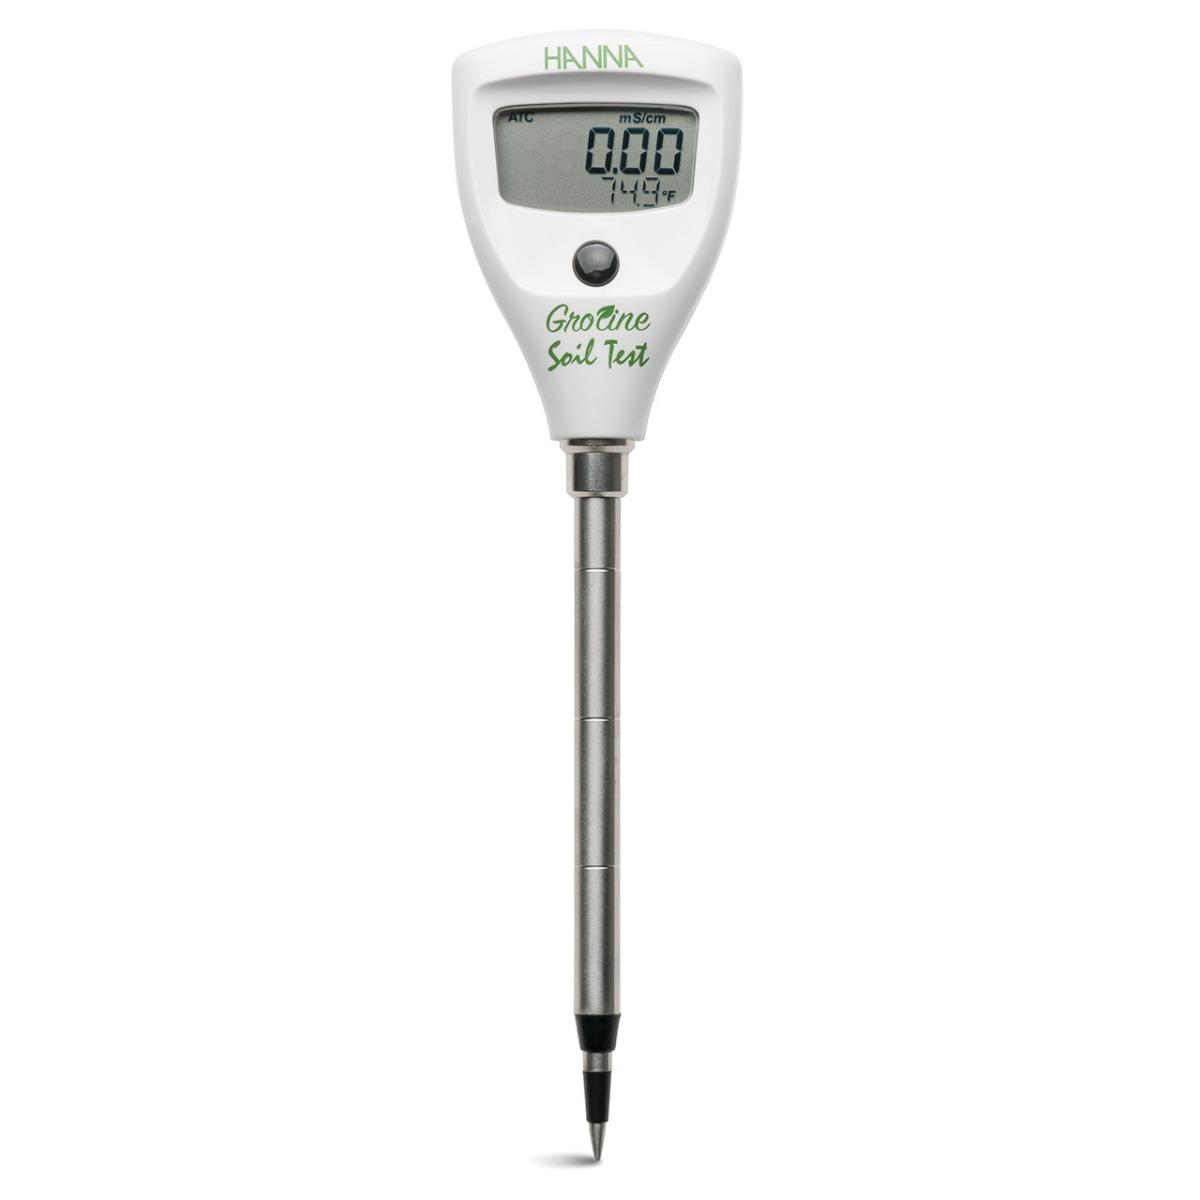 HI98331 - Soil Test™ per la misura diretta di conducibilità nel suolo